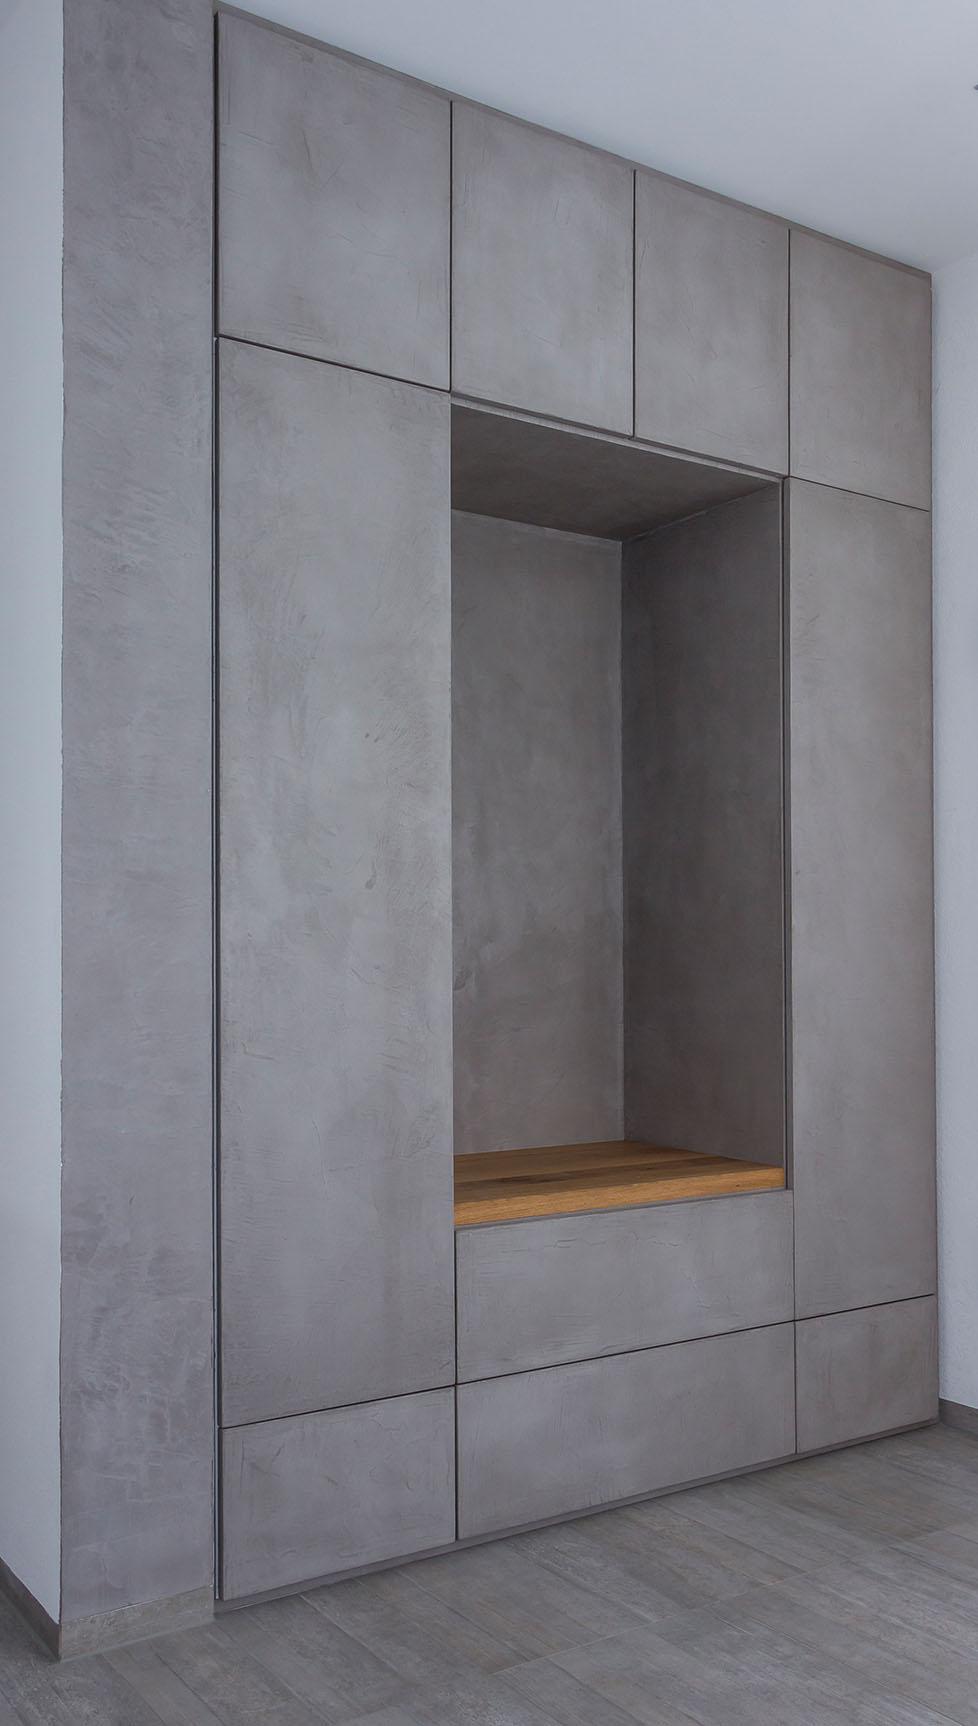 BmainTisch Einbauschrank Beton2